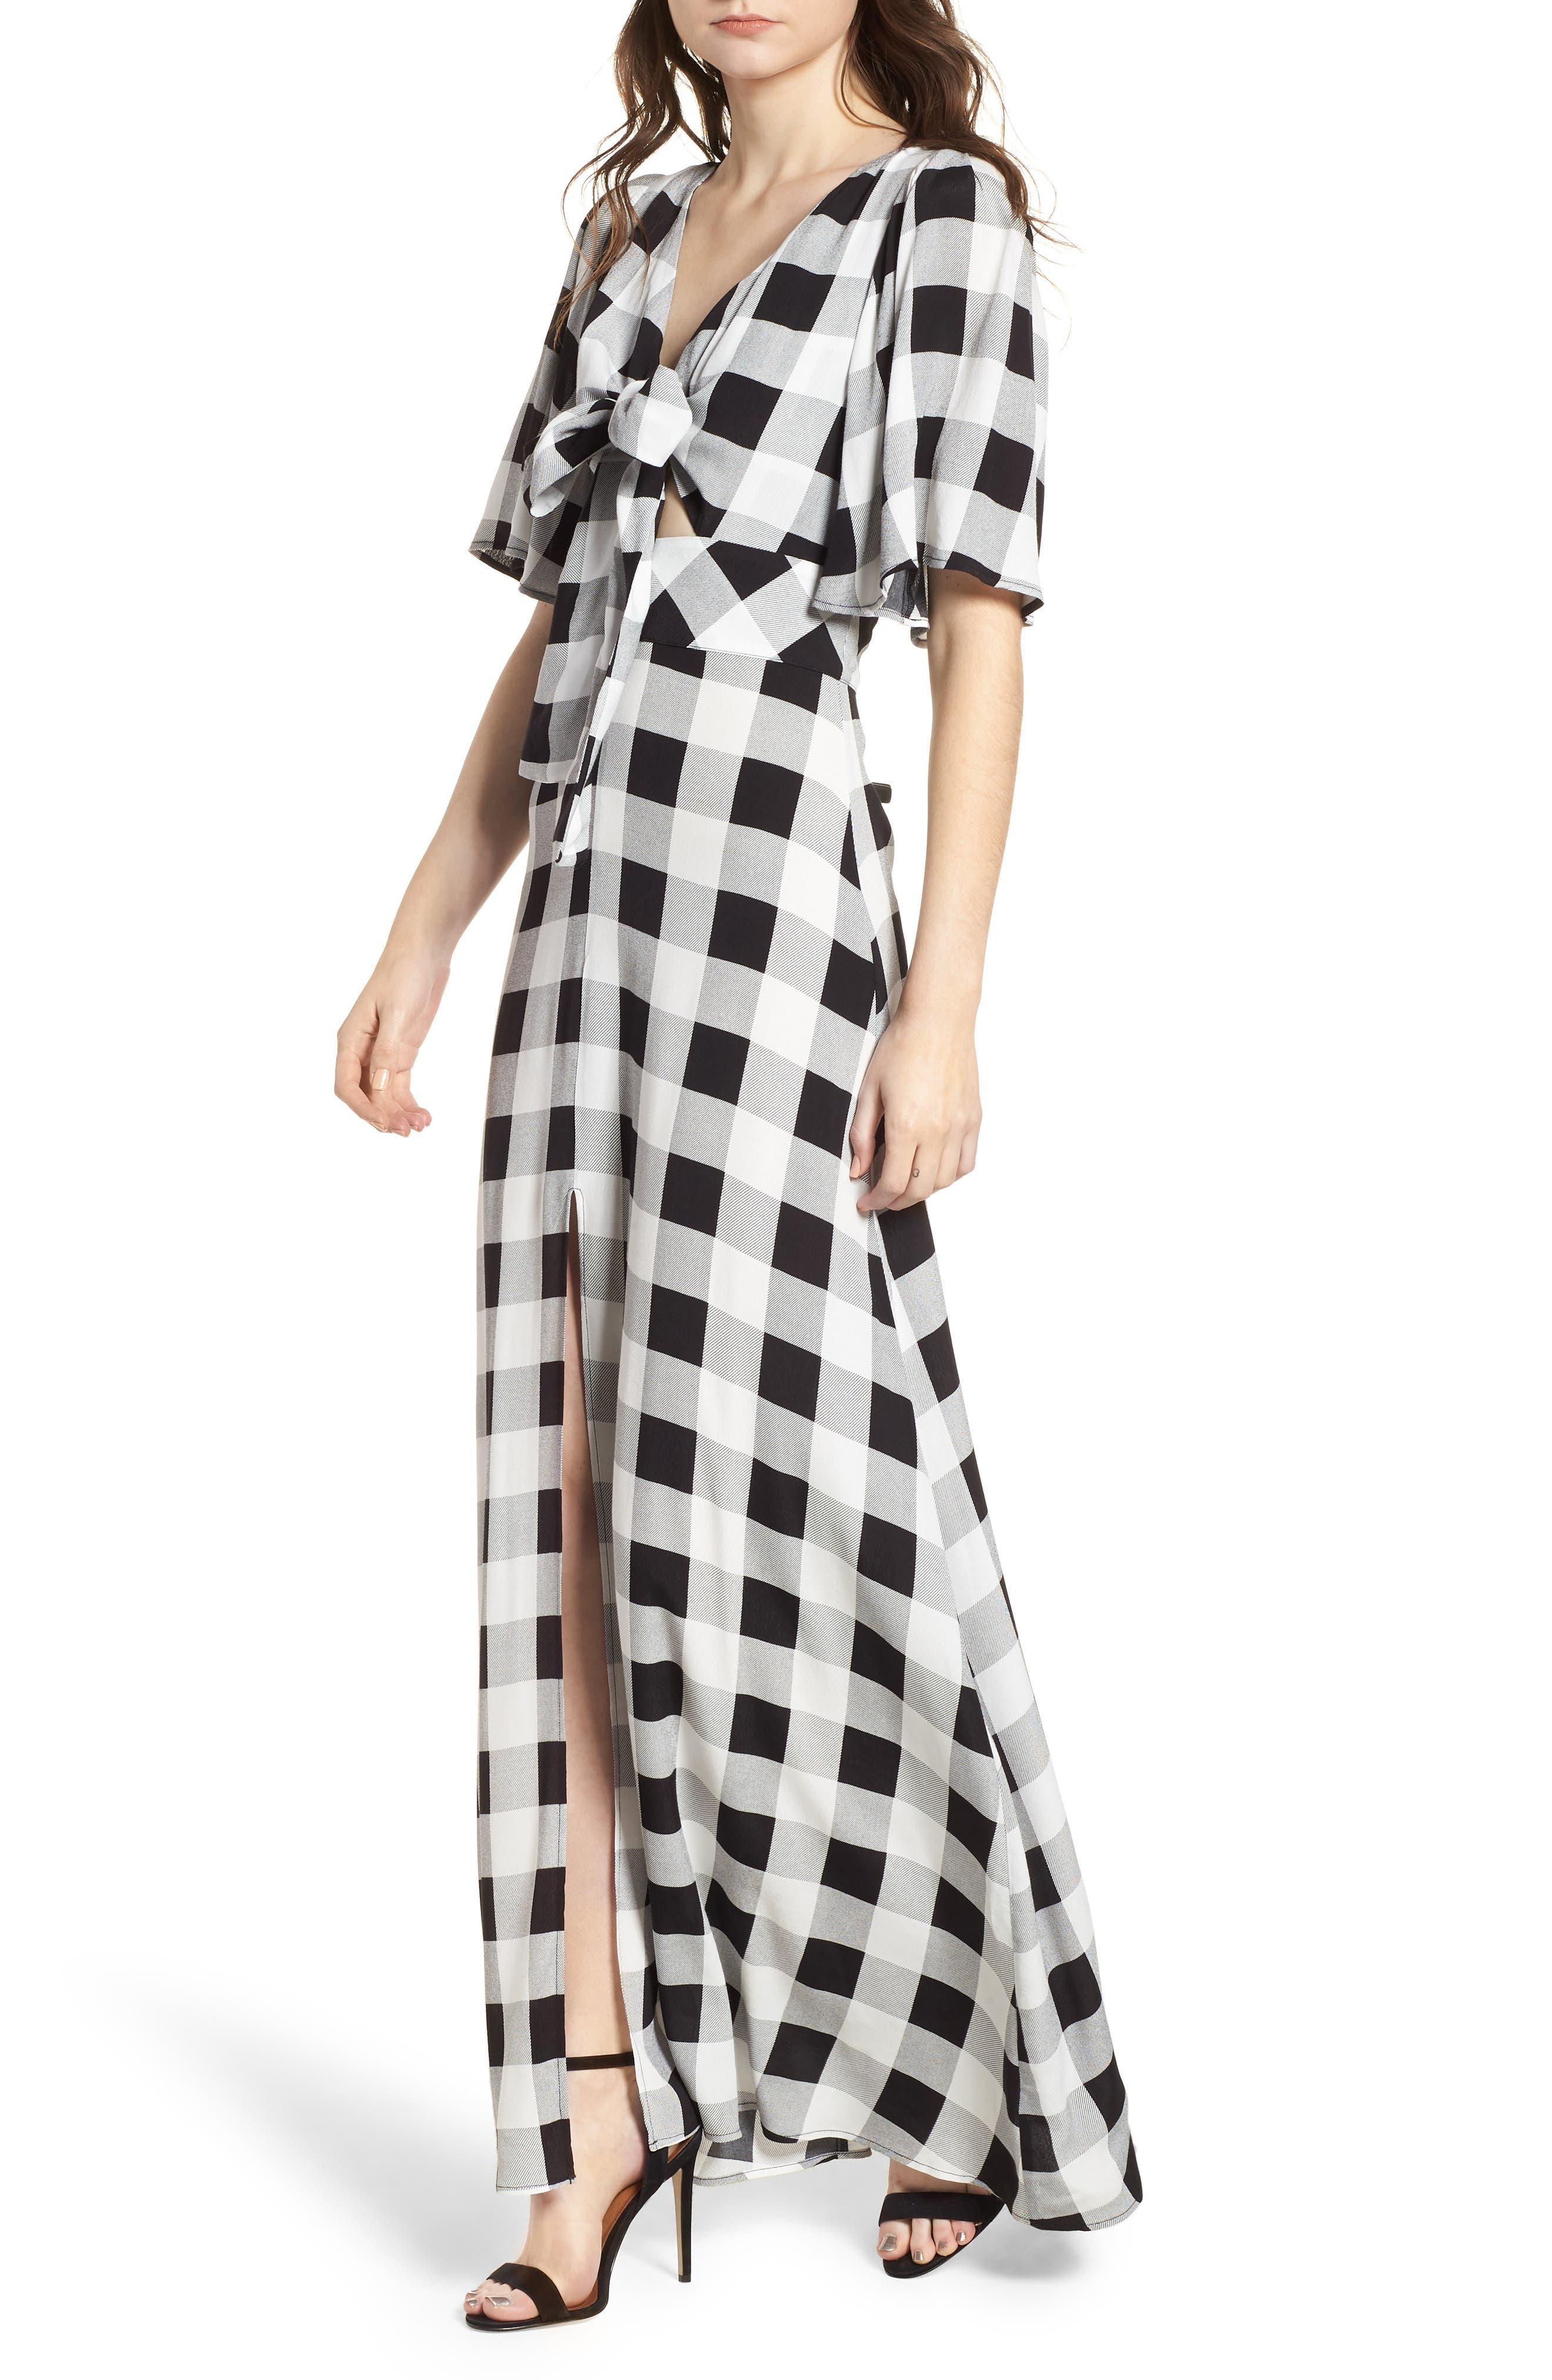 Ramon Tie Front Maxi Dress,                         Main,                         color, Noir Blanc Gingham